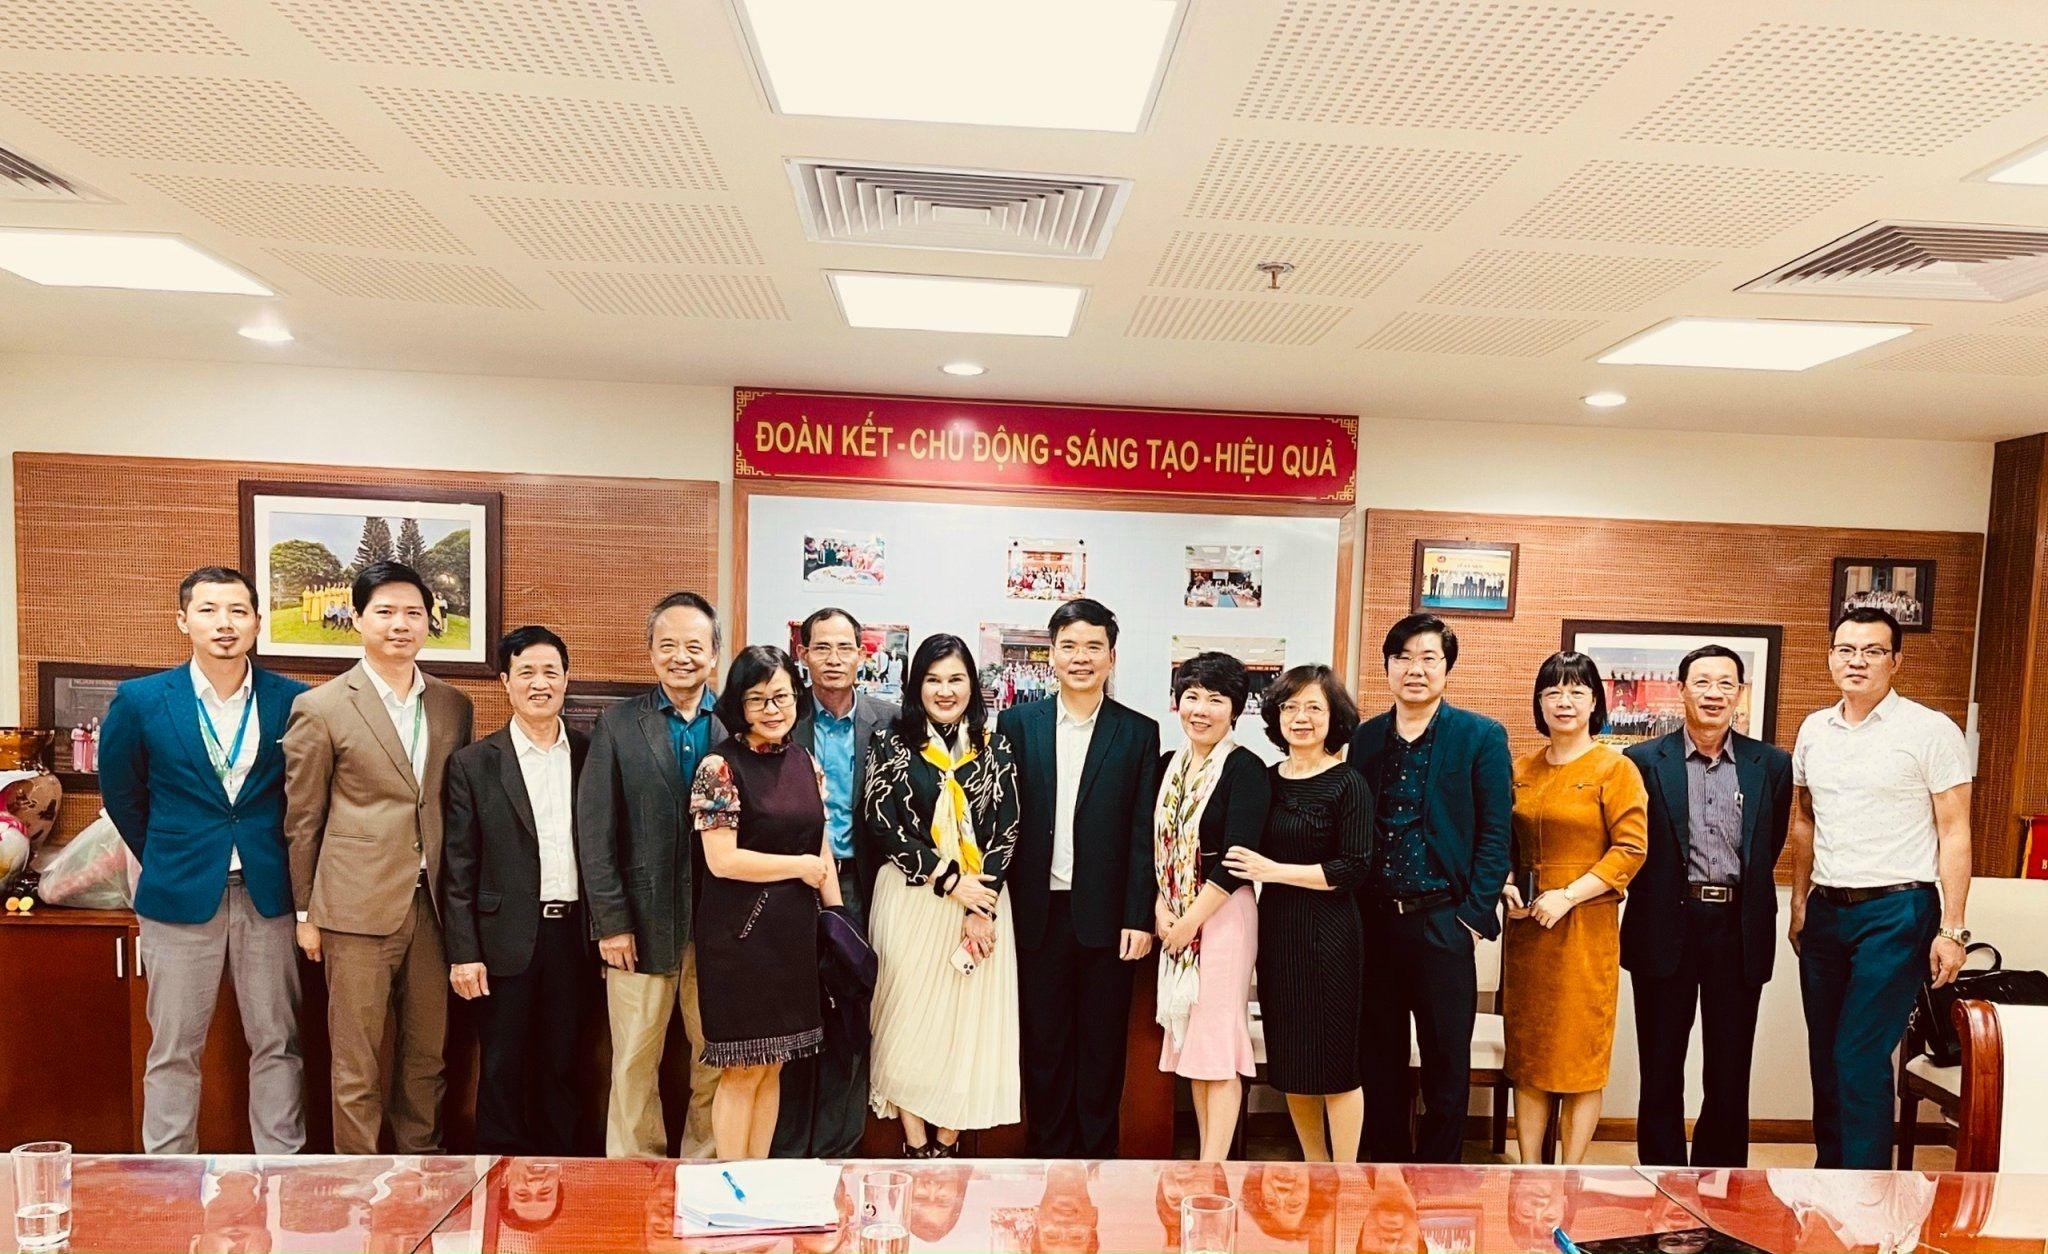 Lãnh đạo Hiệp Hội Doanh nghiệp Hàng không Việt Nam làm việc với đại diện Ngân hàng Nhà nước Việt Nam